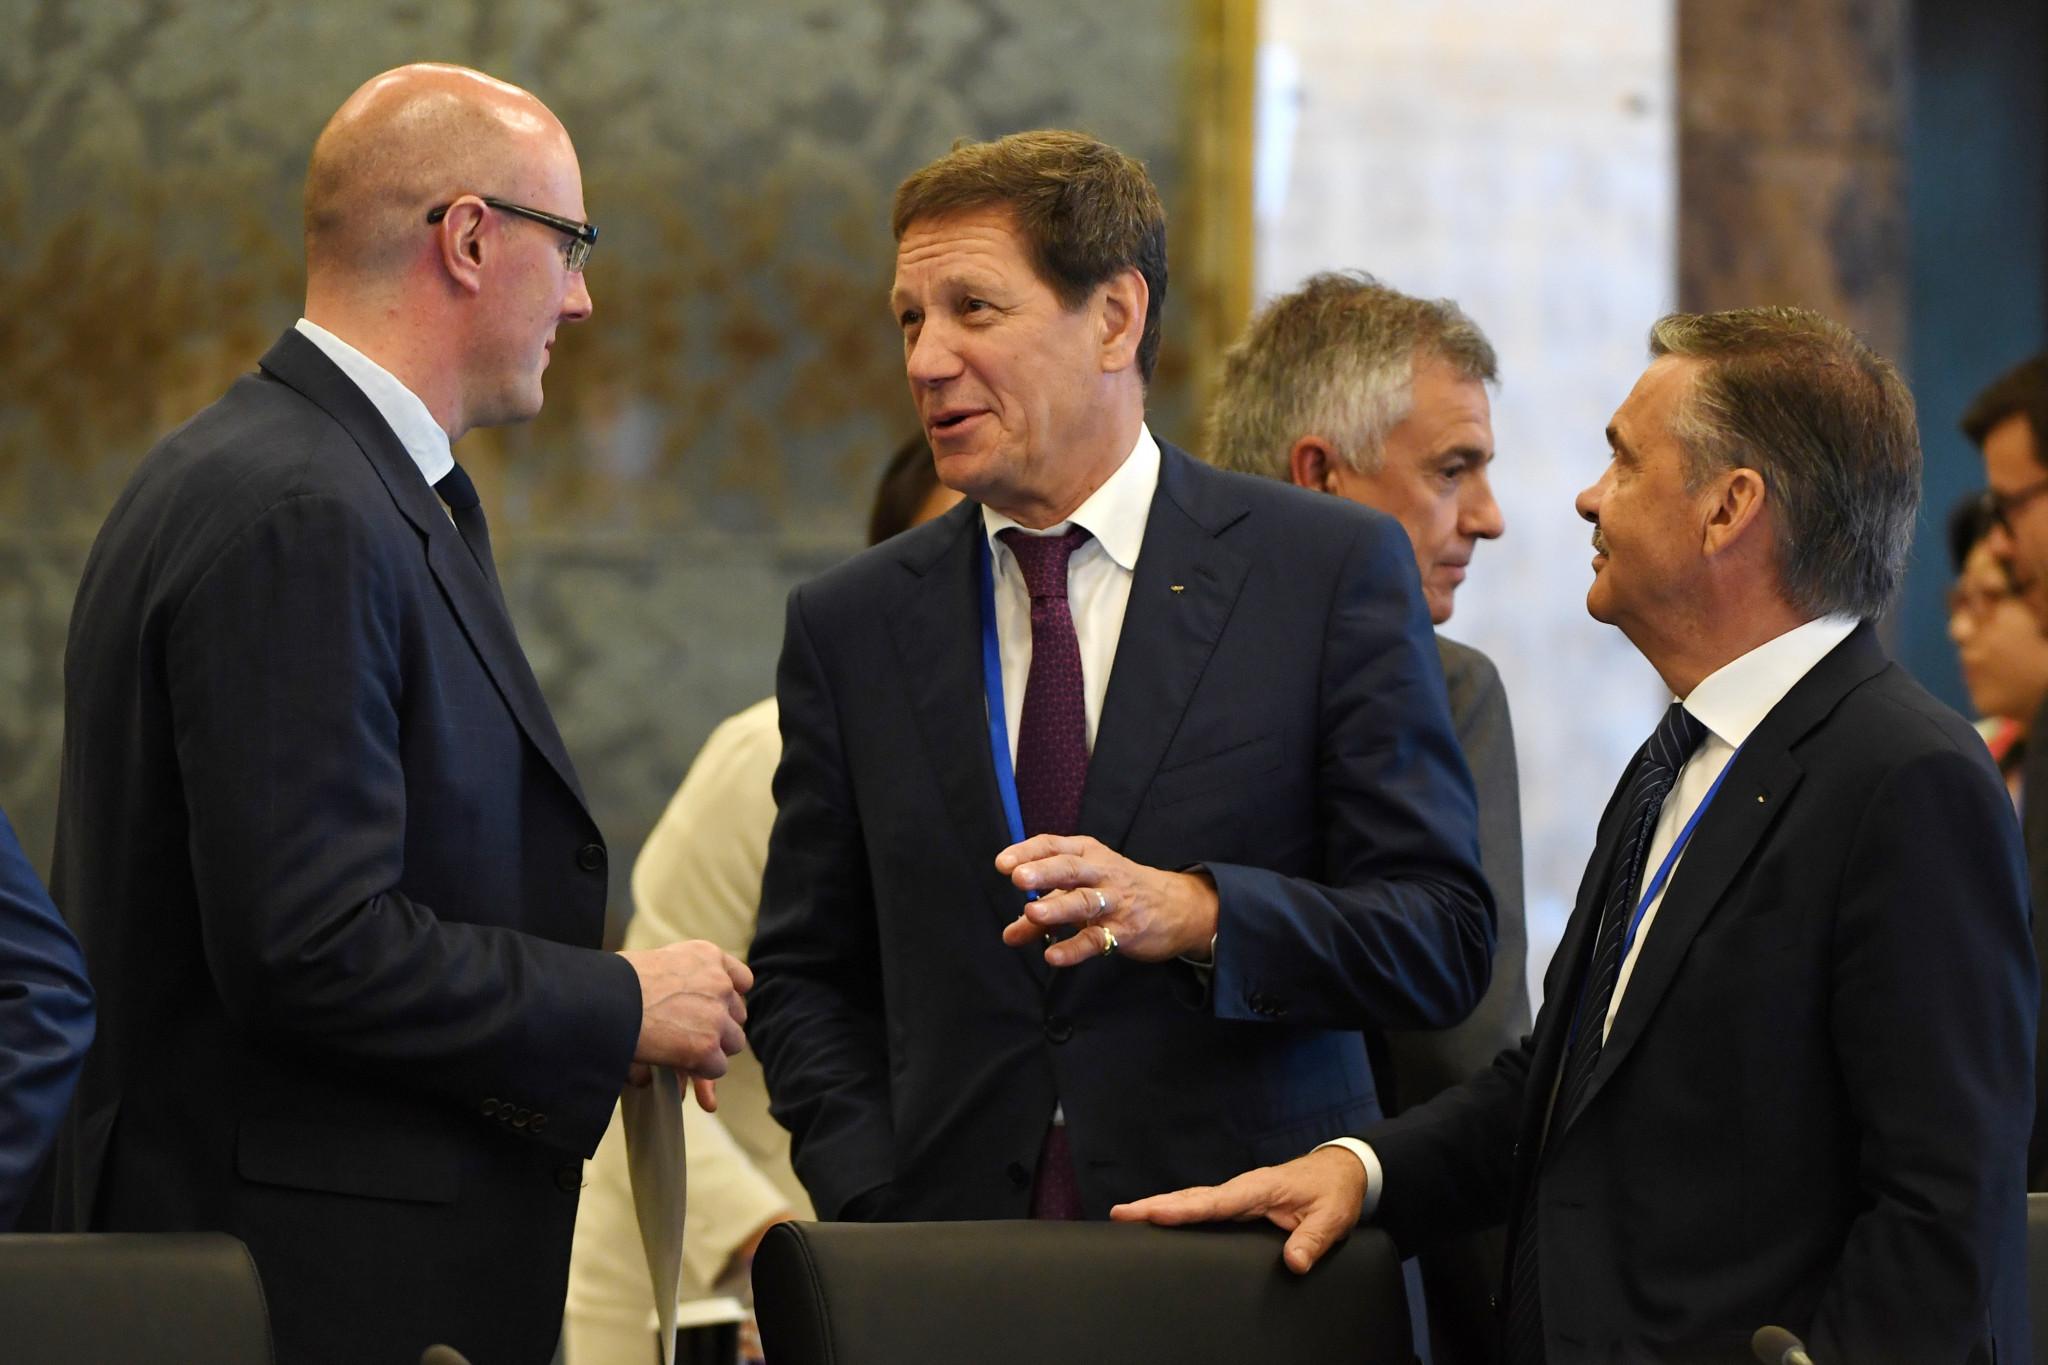 KHL President Dmitry Chernyshenko, left, alongside Alexander Zhukov, centre, and René Fasel ©Getty Images